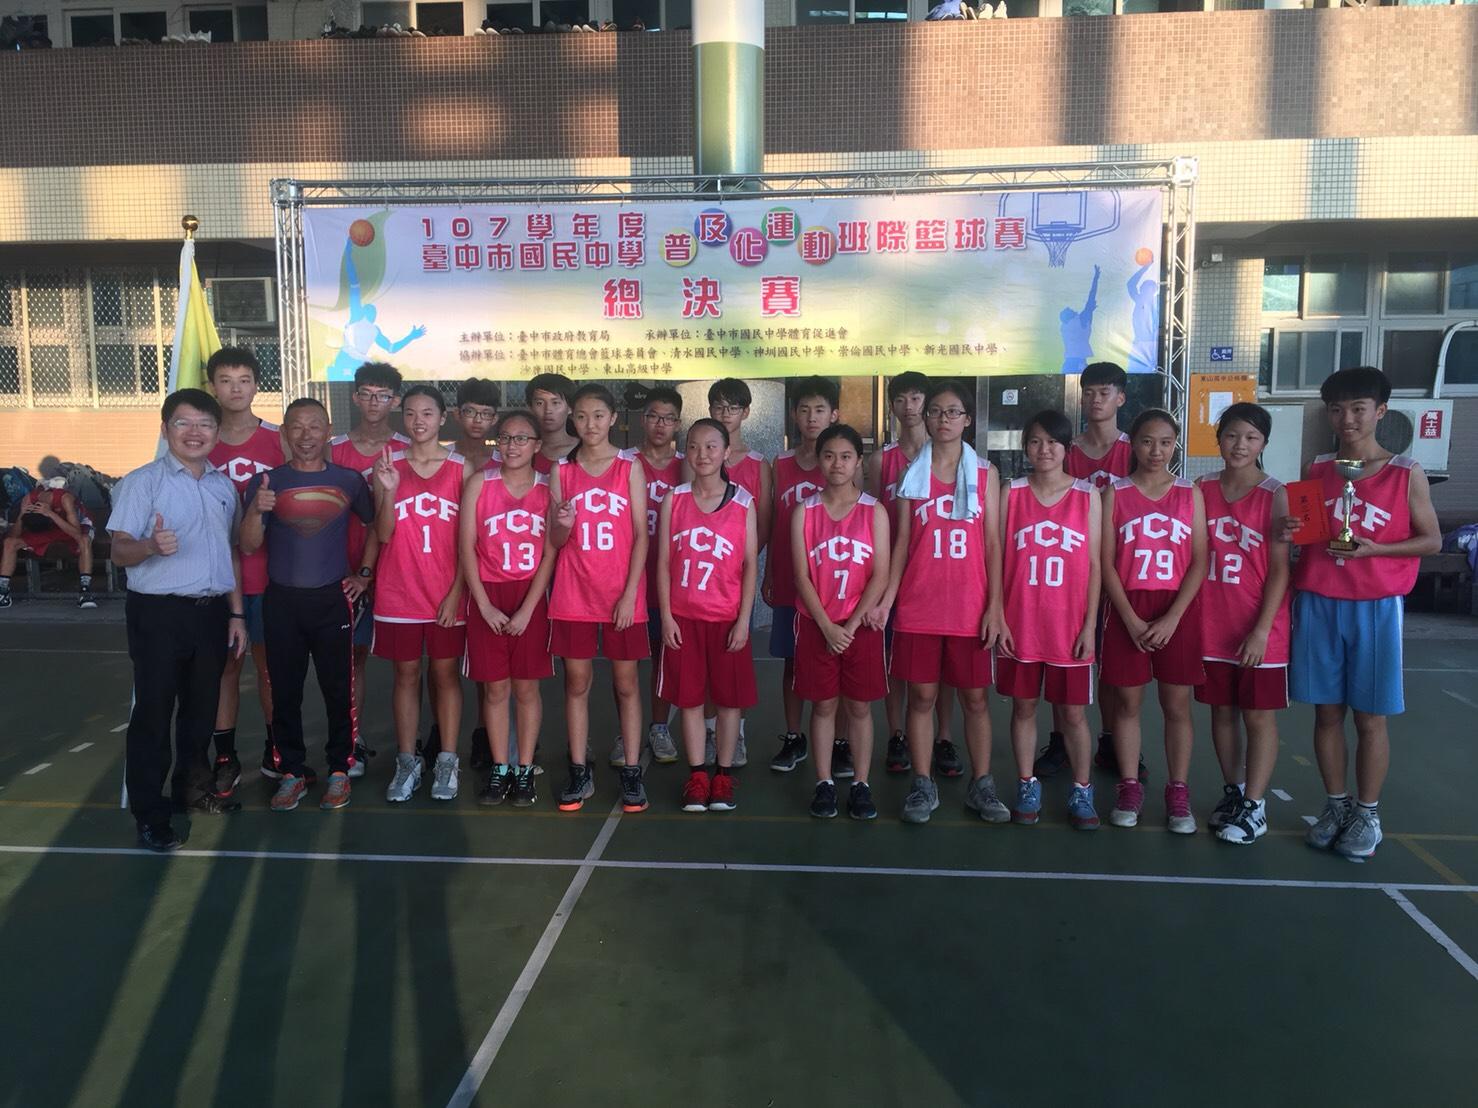 107學年度普及化籃球運動比賽